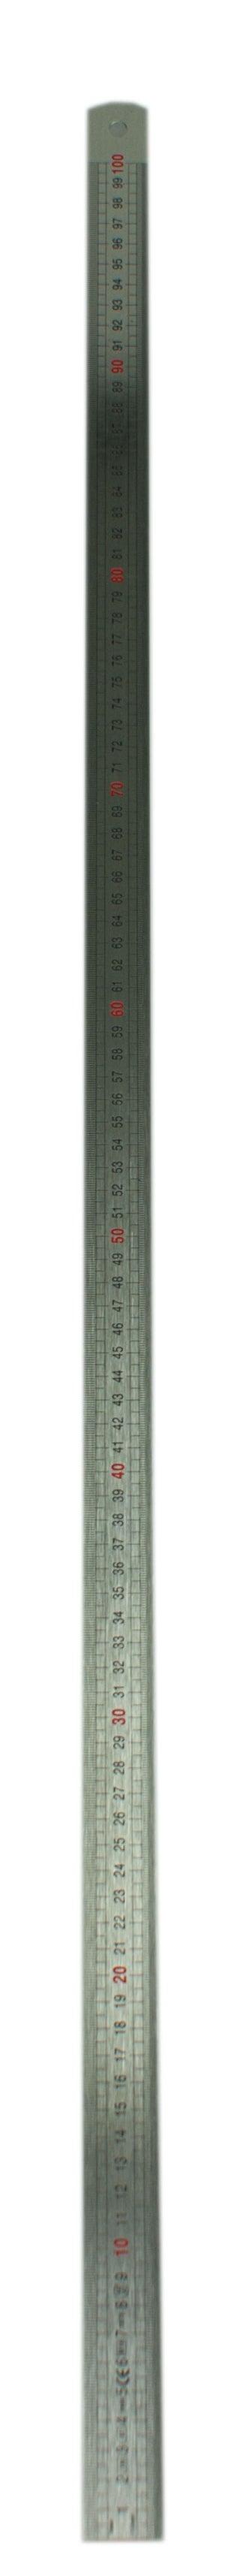 Image : Réglet semi-rigide DEXTER, 100 cm